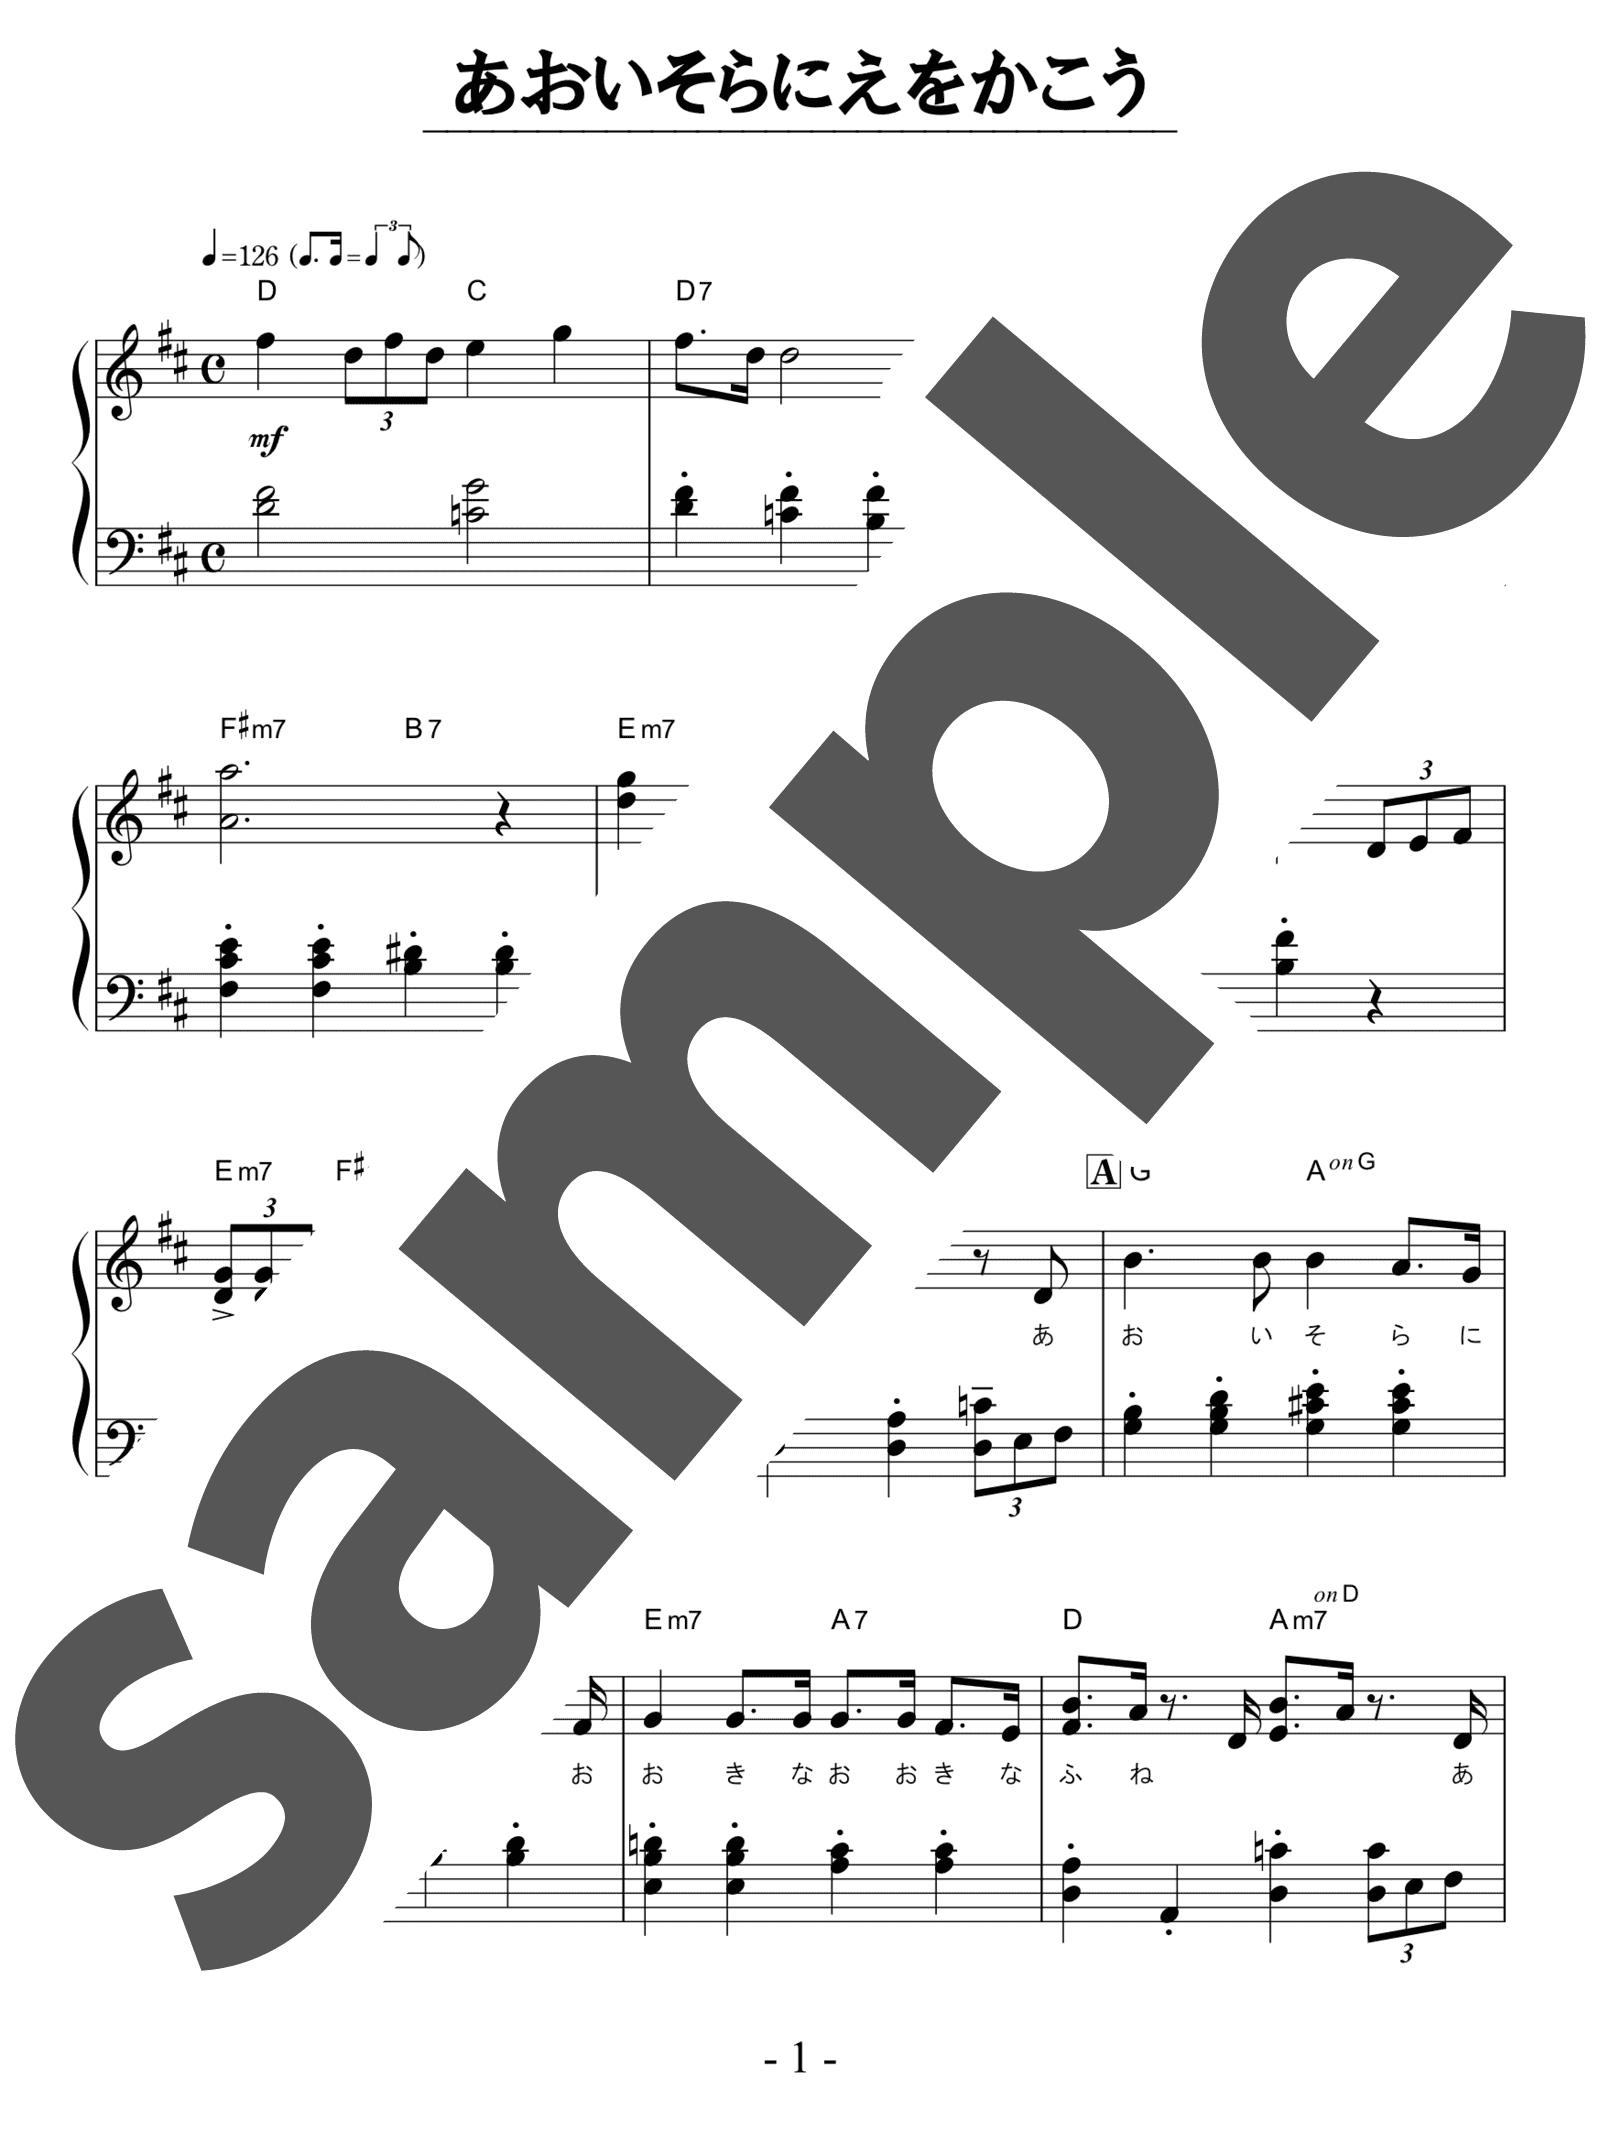 「あおいそらにえをかこう」のサンプル楽譜